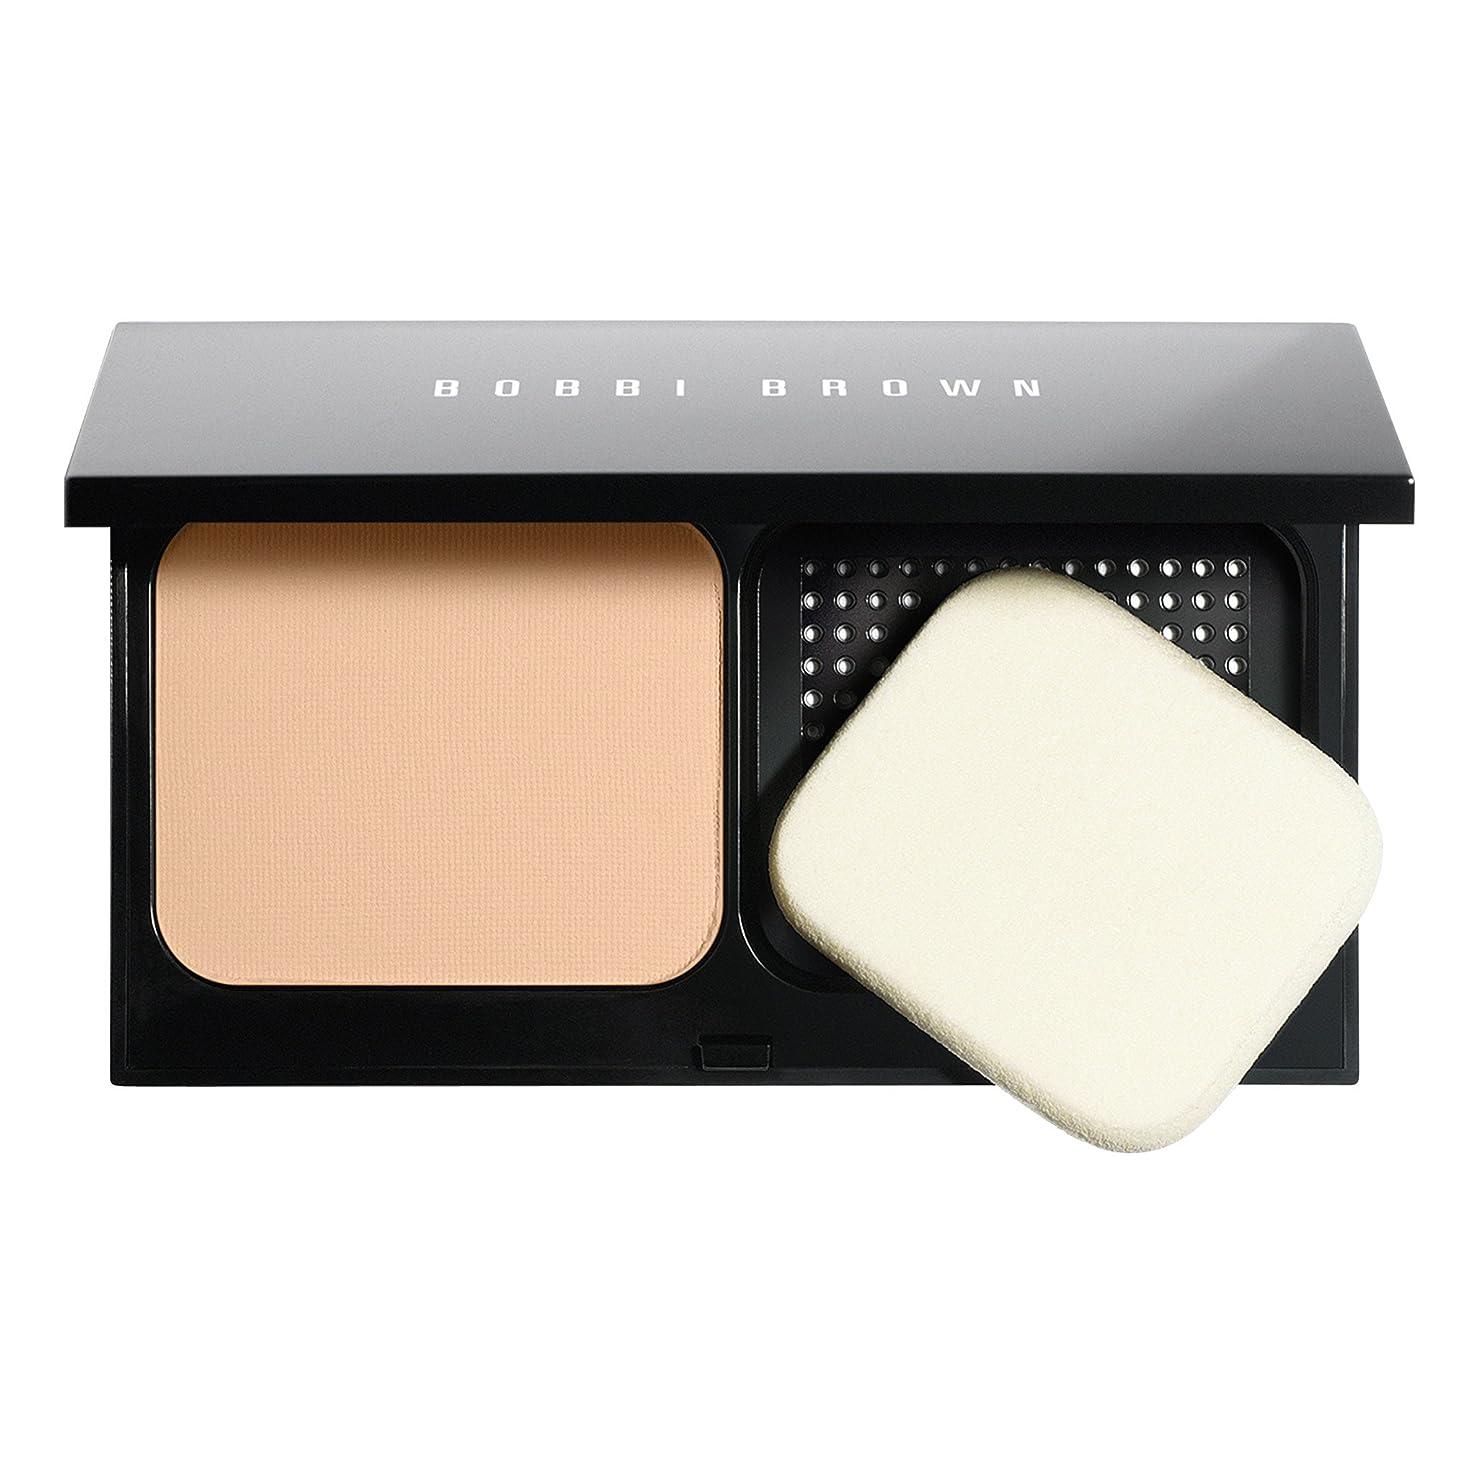 導出郵便局であることボビイブラウン Skin Weightless Powder Foundation - #2.5 Warm Sand 11g/0.38oz